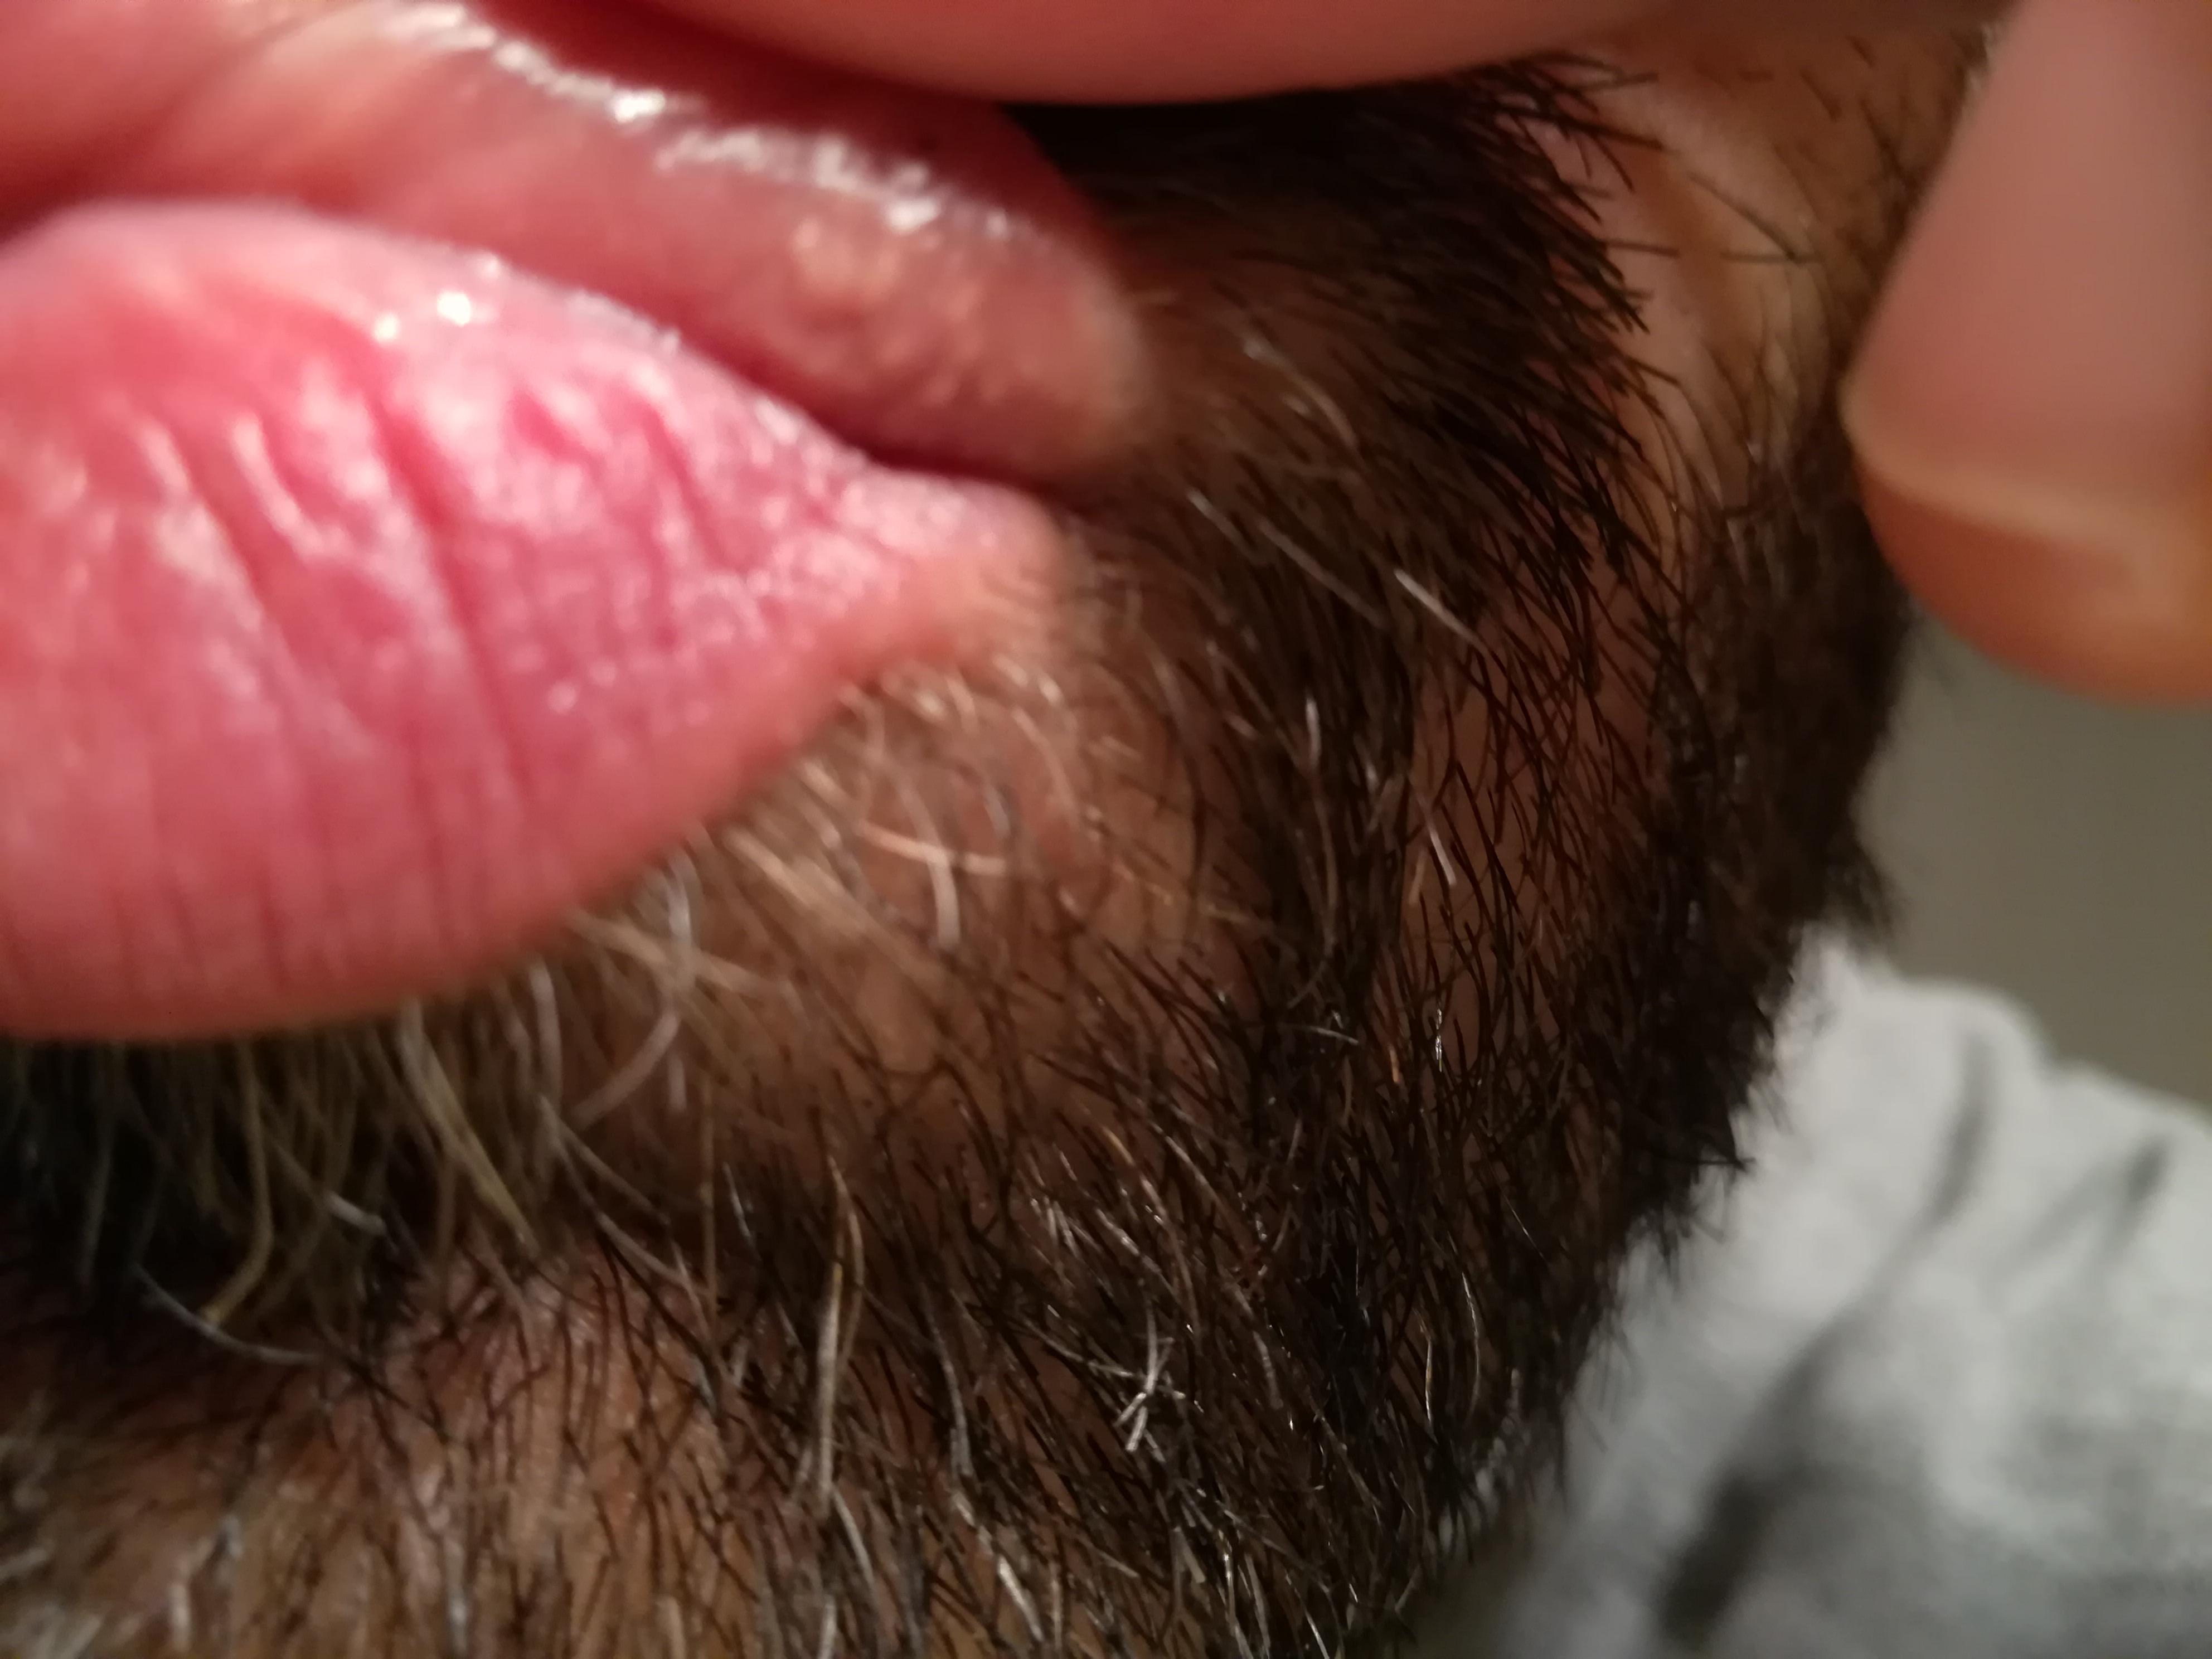 Da qualche anno ho delle macchie tipo puntini bianchi sul labbro